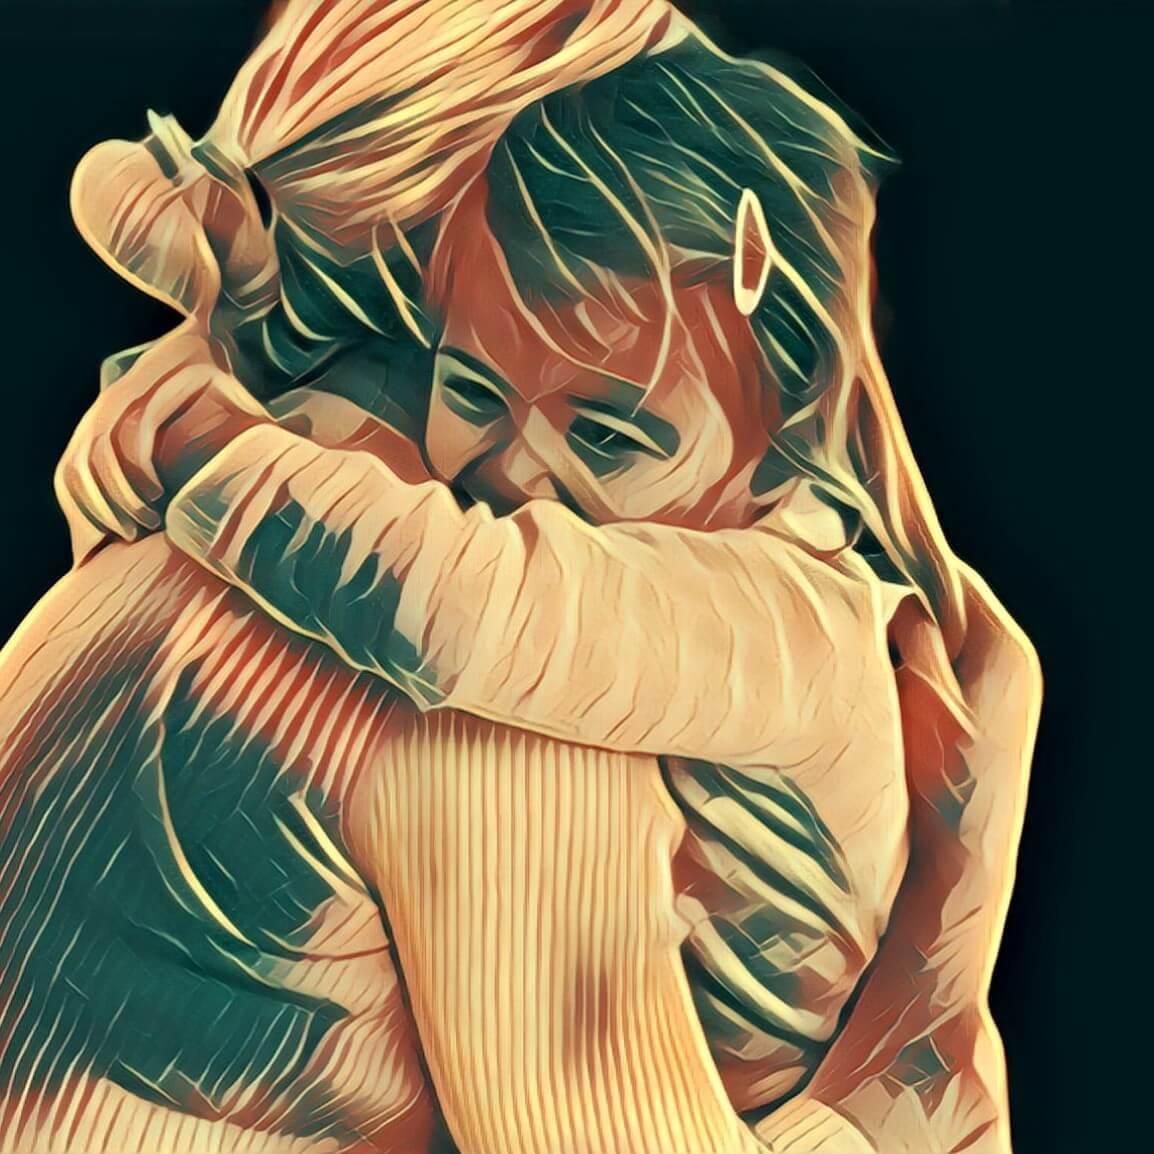 verloren - Traum-Deutung